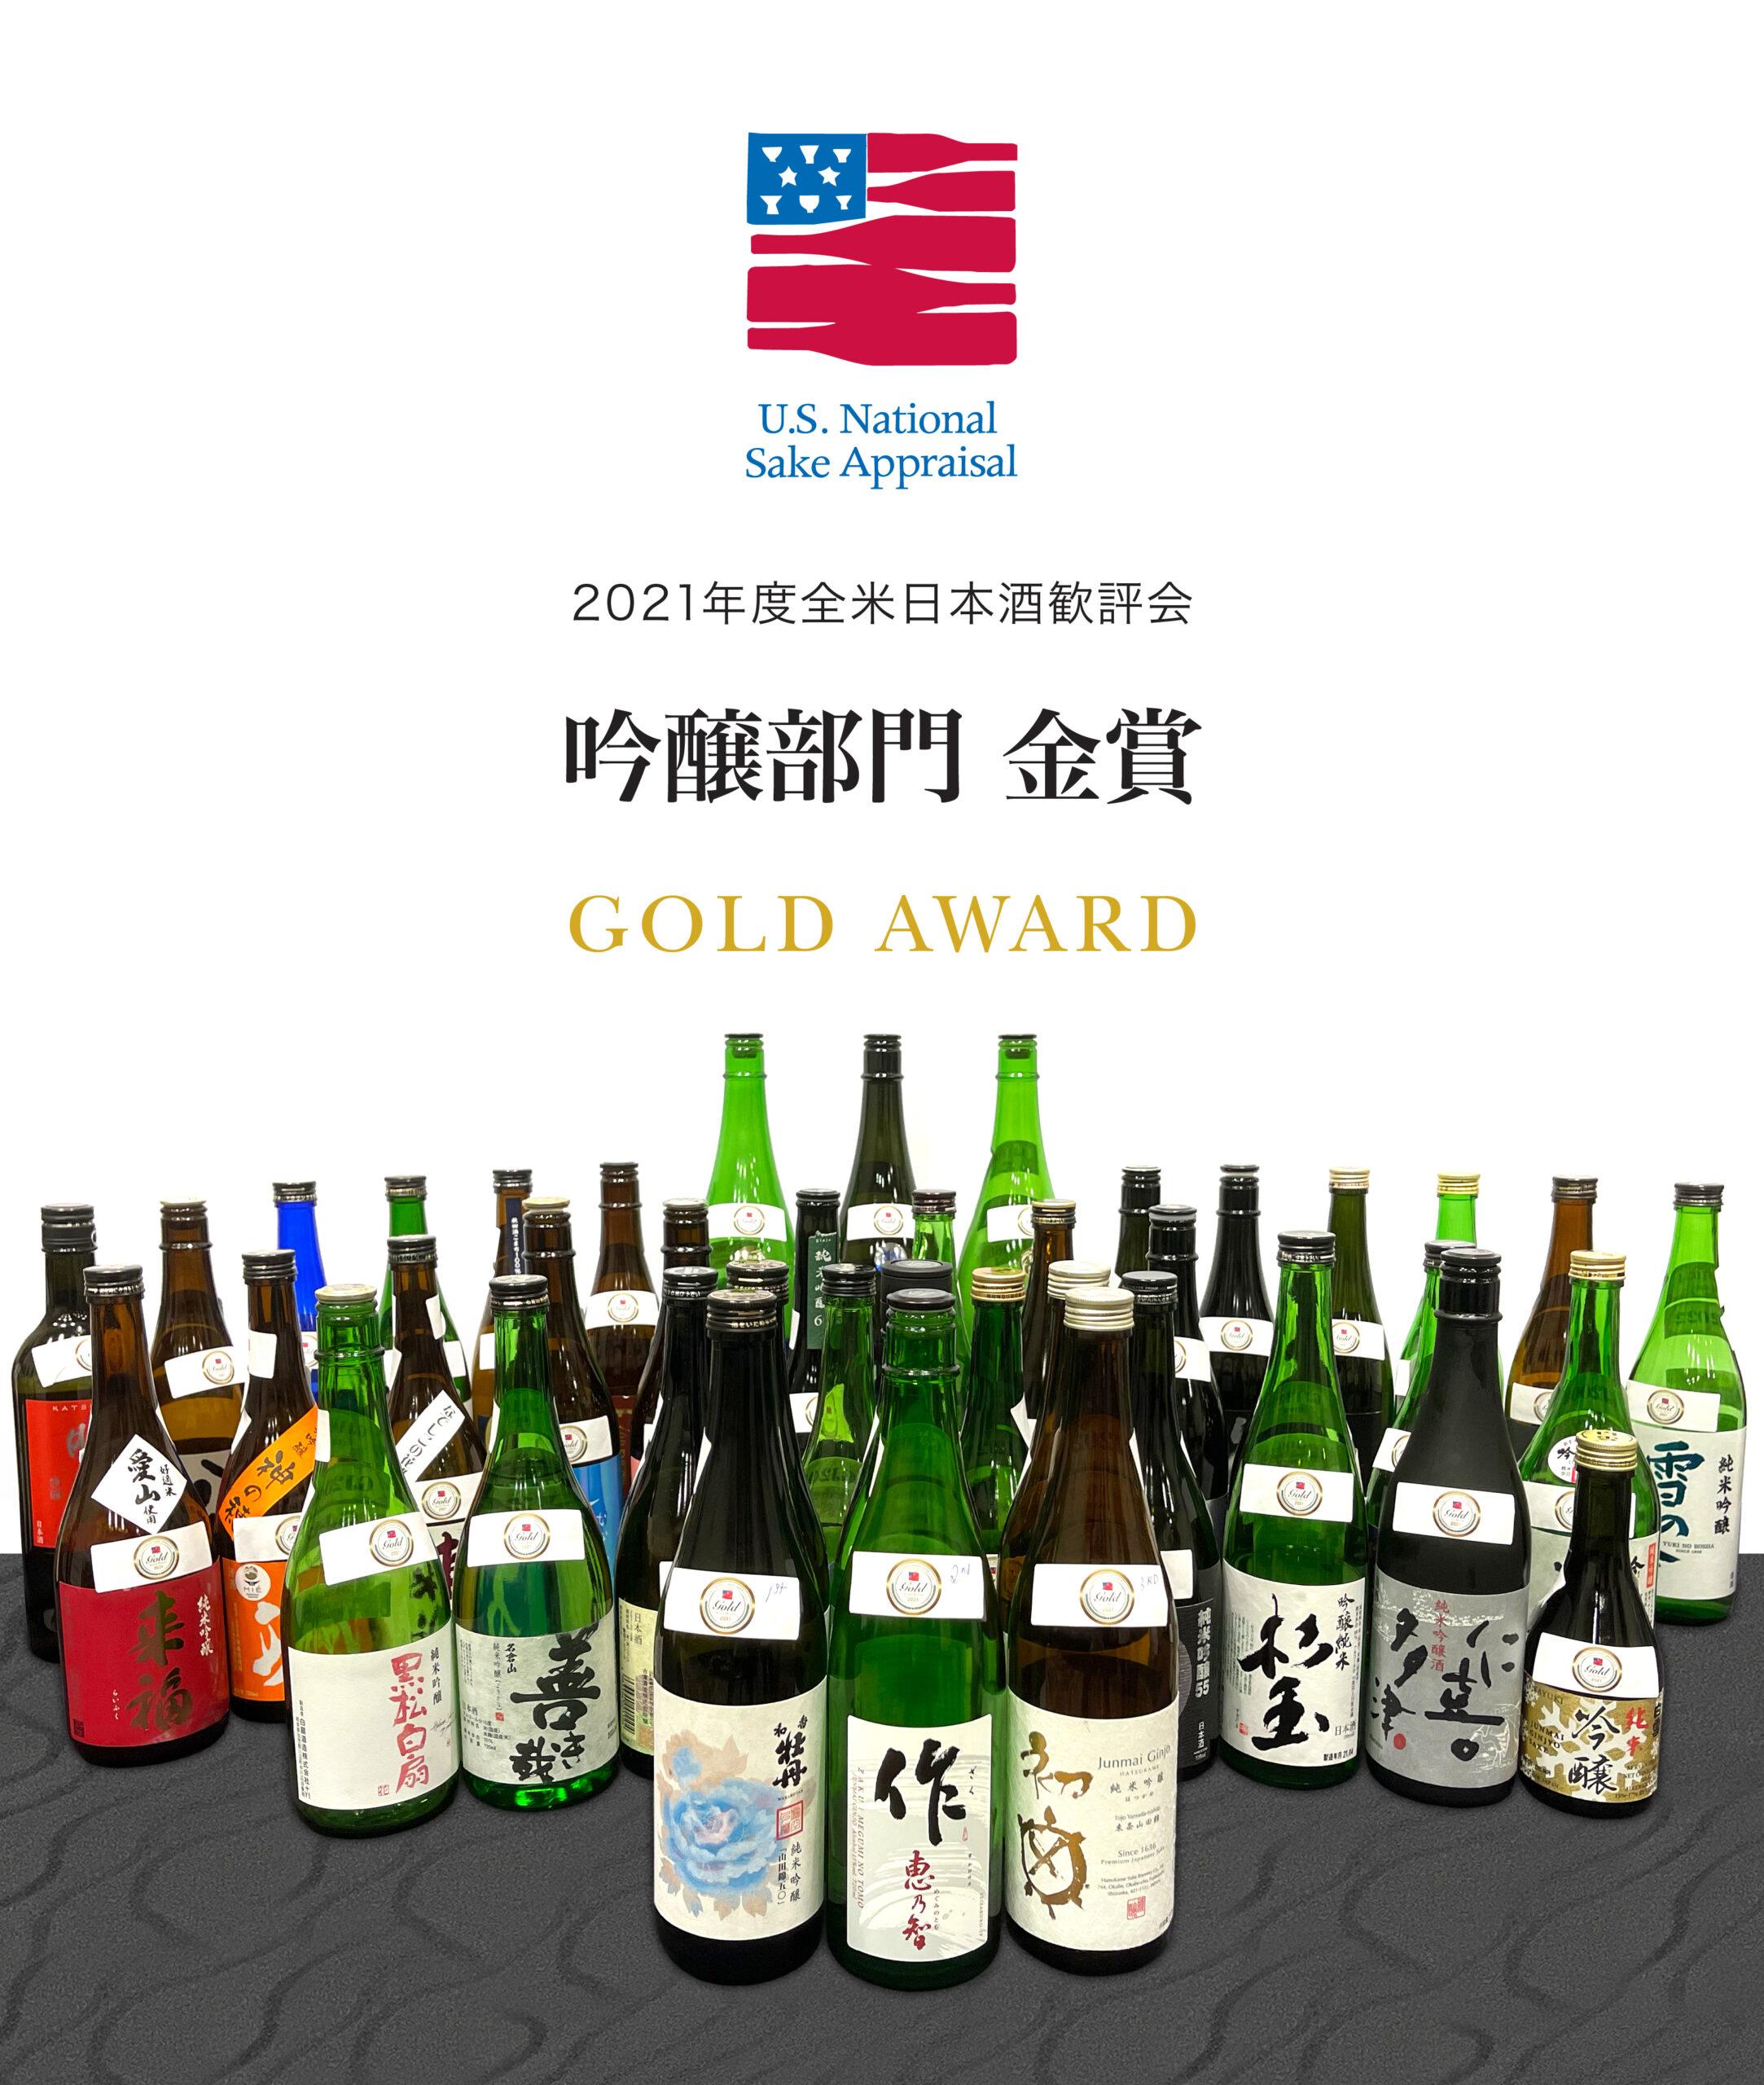 第21回全米日本酒歓評会、受賞結果発表!